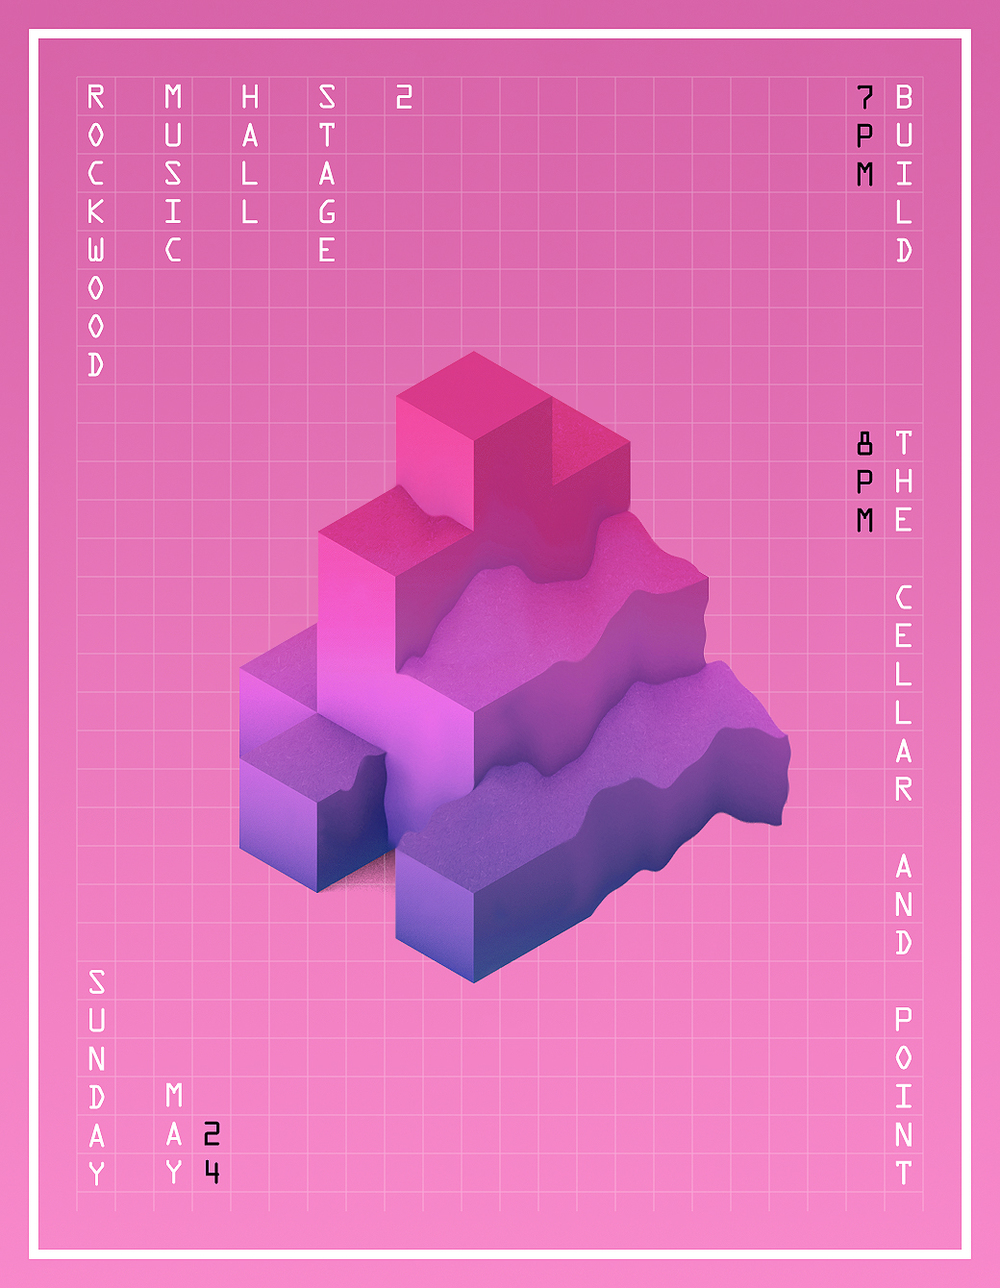 Build_051415.jpg